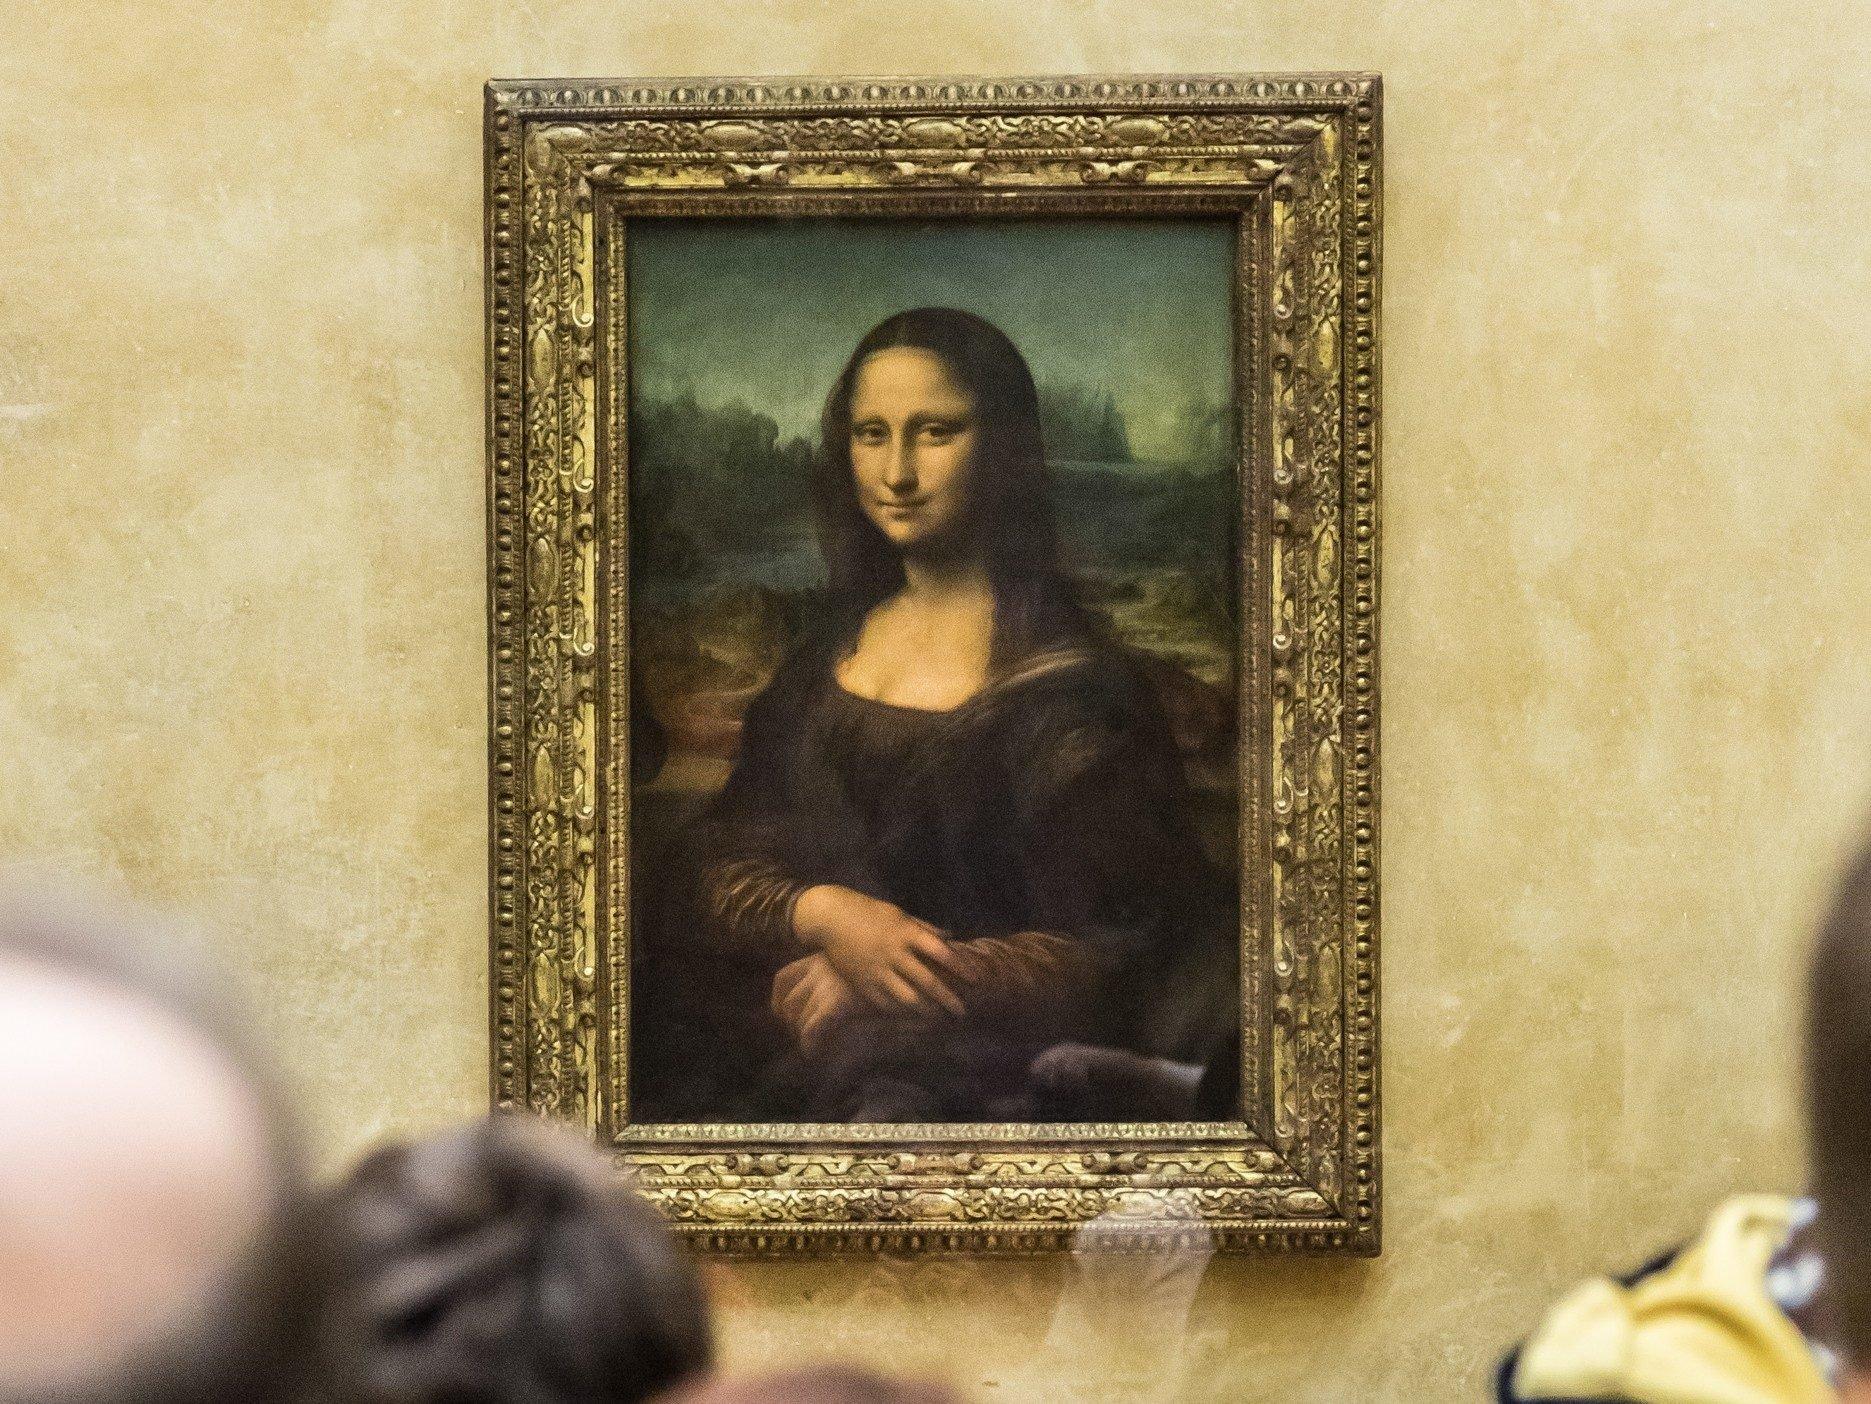 Mona Lisa mystery #7: Was Mona Lisa unwell?